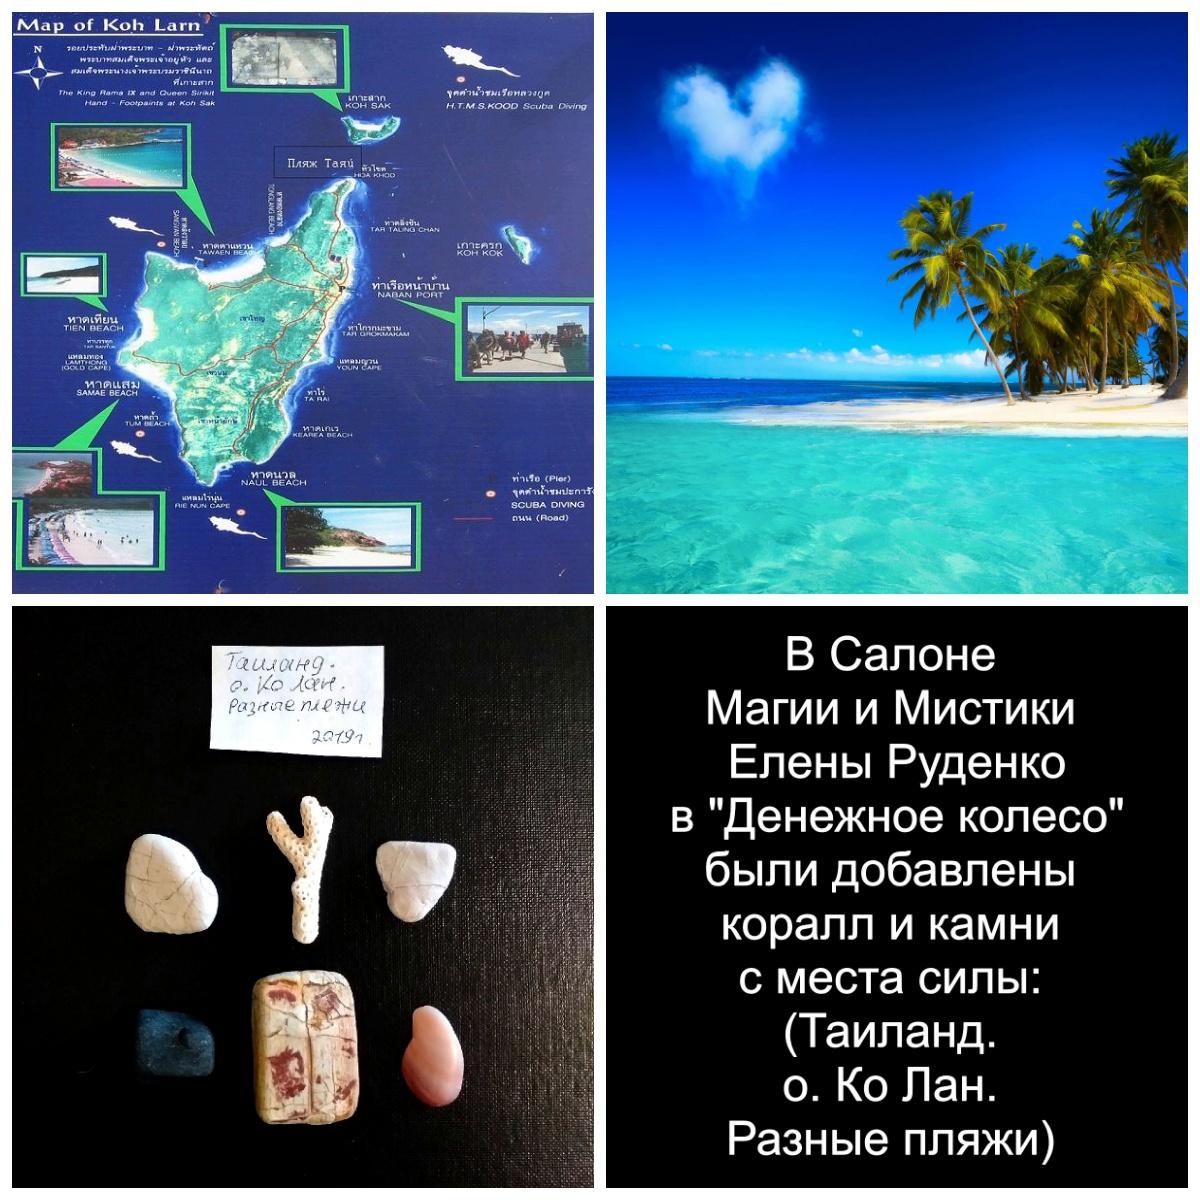 Елена Руденко (Валтея). Таиланд мои впечатления. отзывы, достопримечательности, фото и видео.   Z3K-hZdiviE